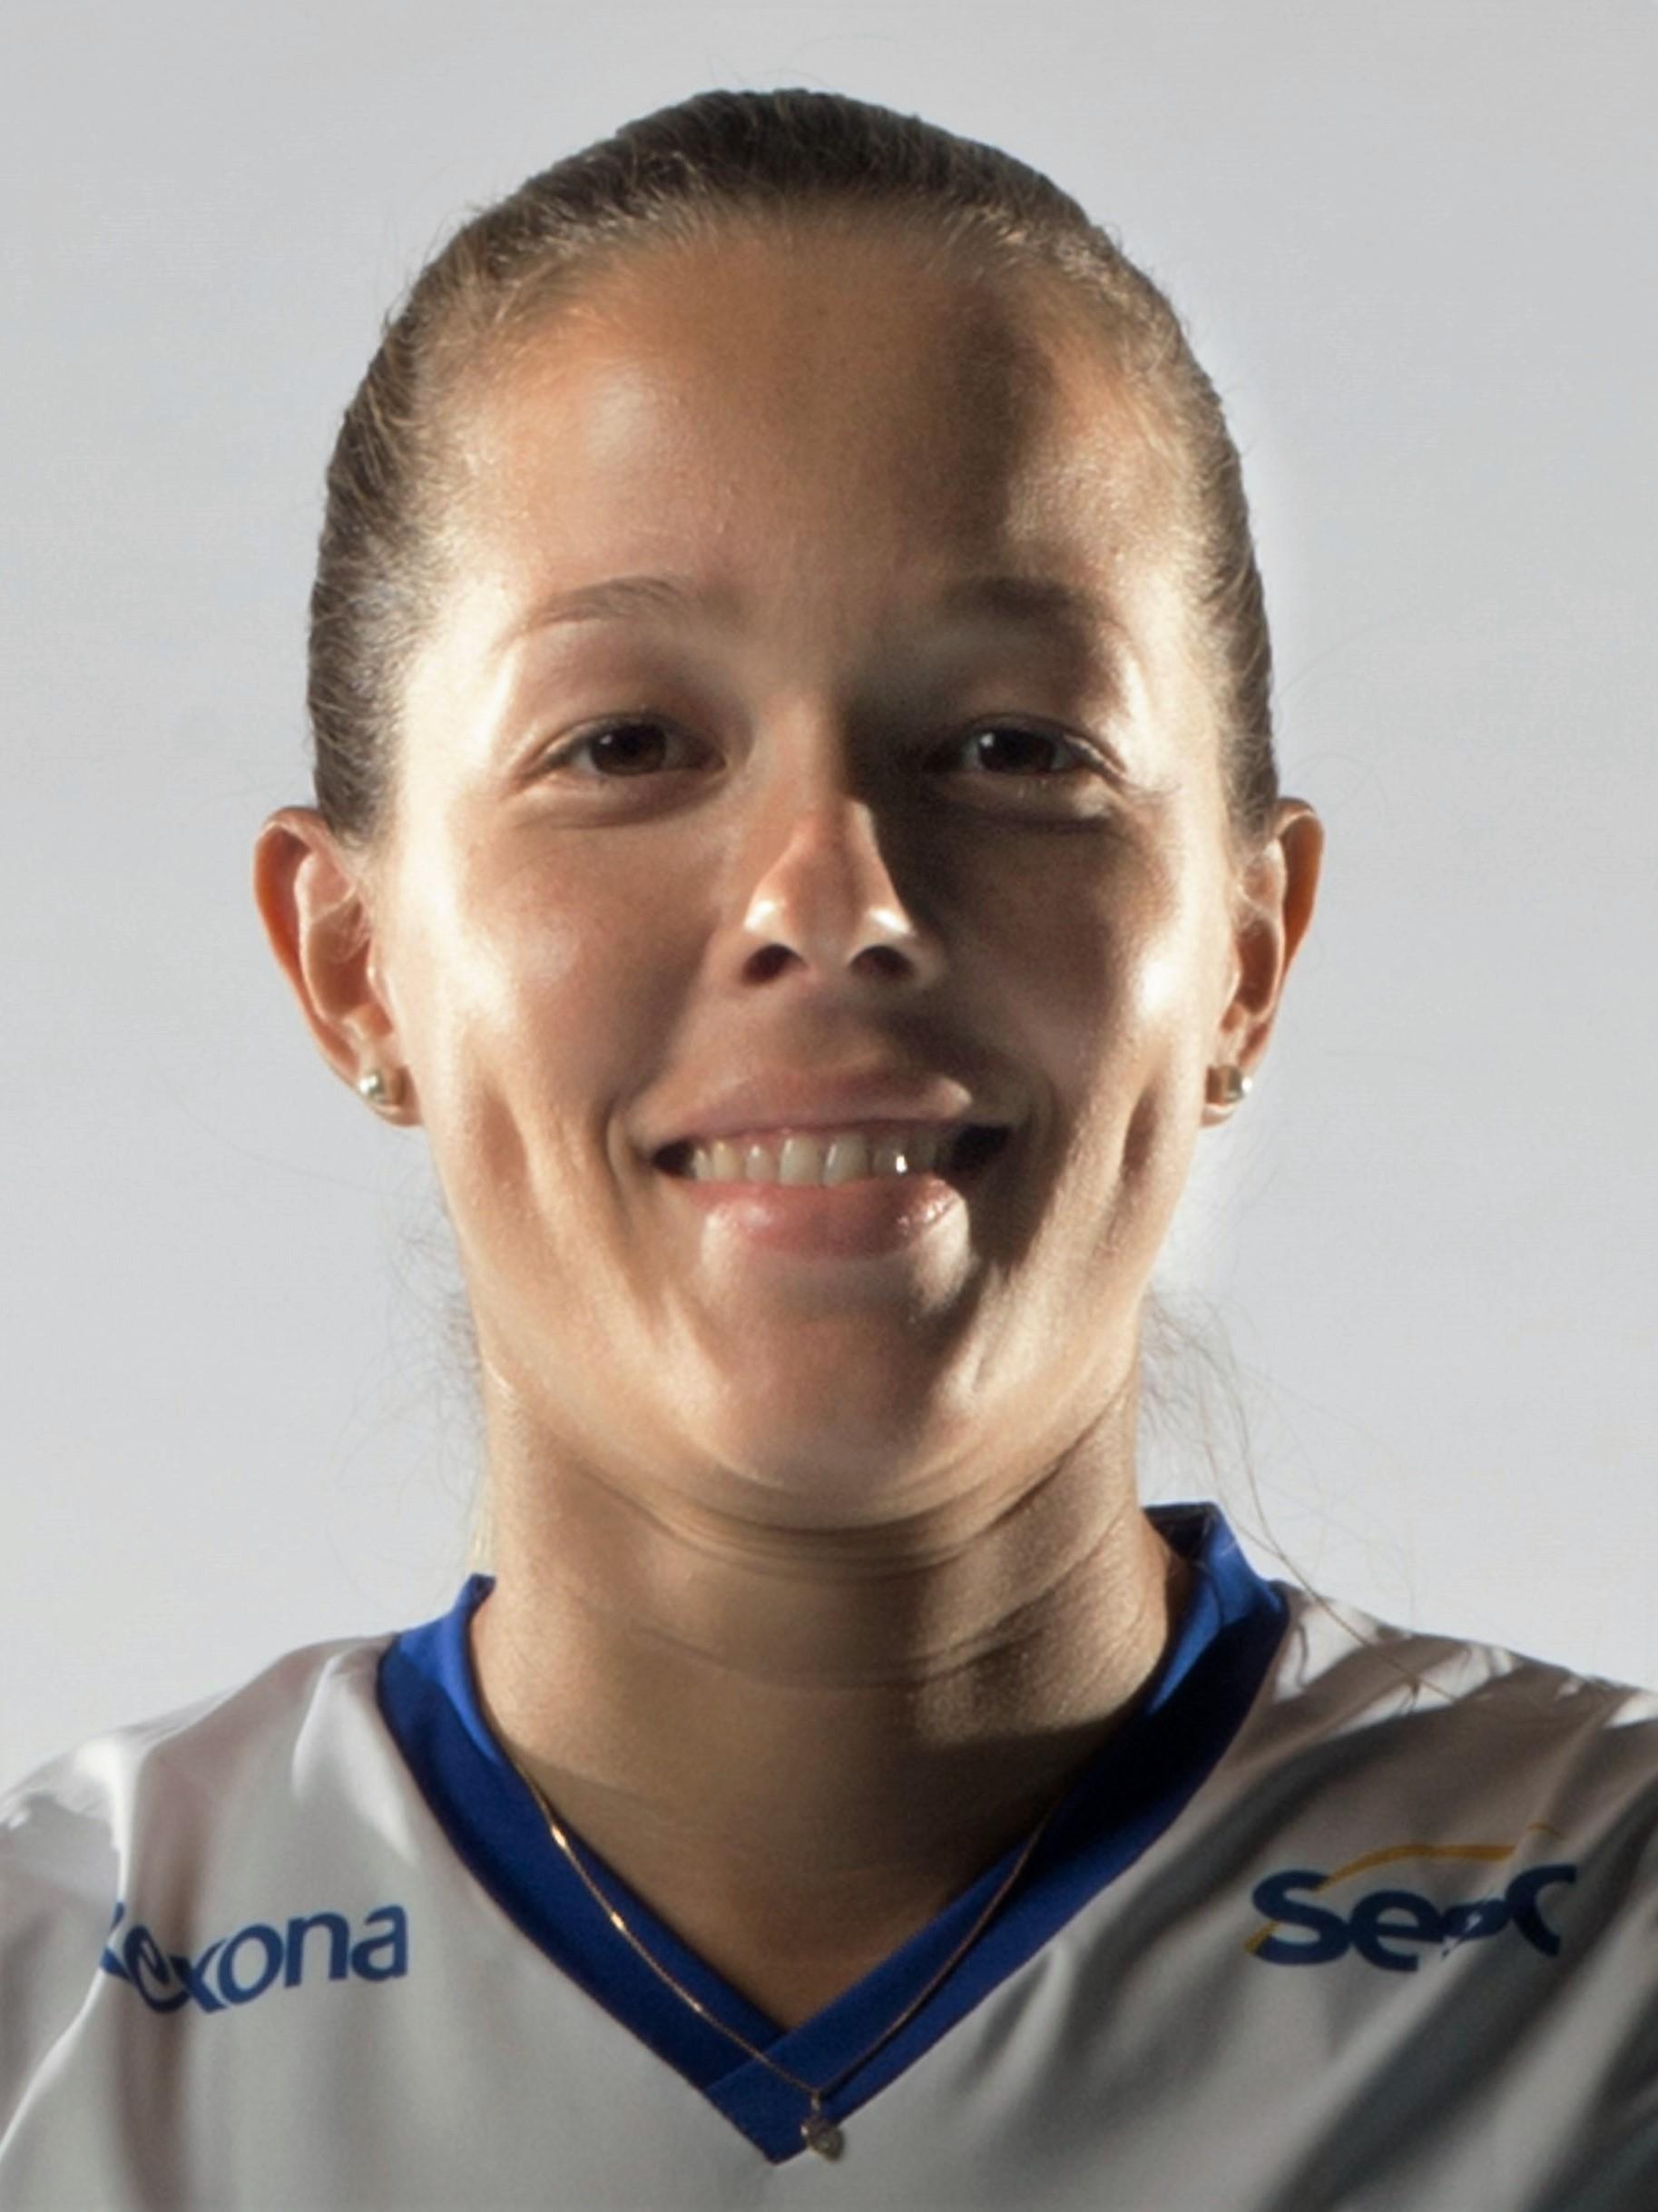 Monique Marinho Pavao